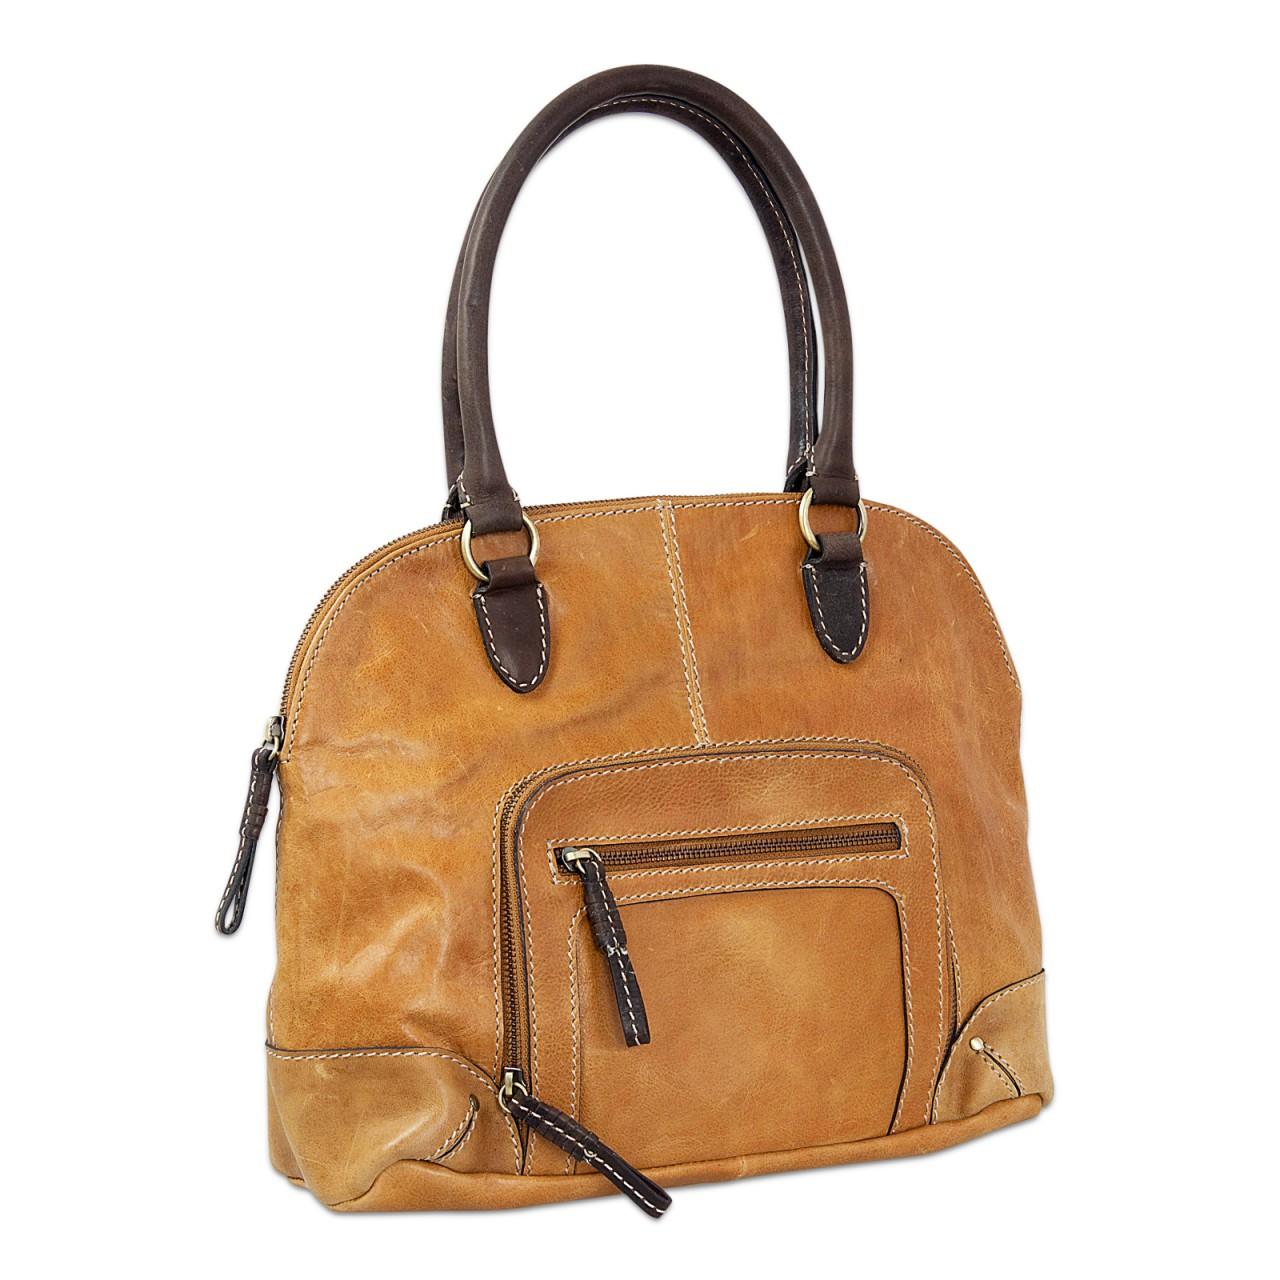 STILORD Vintage Handtasche groß Henkeltasche elegante Abendtasche für Damen - echtes Büffel Leder braun - Bild 1